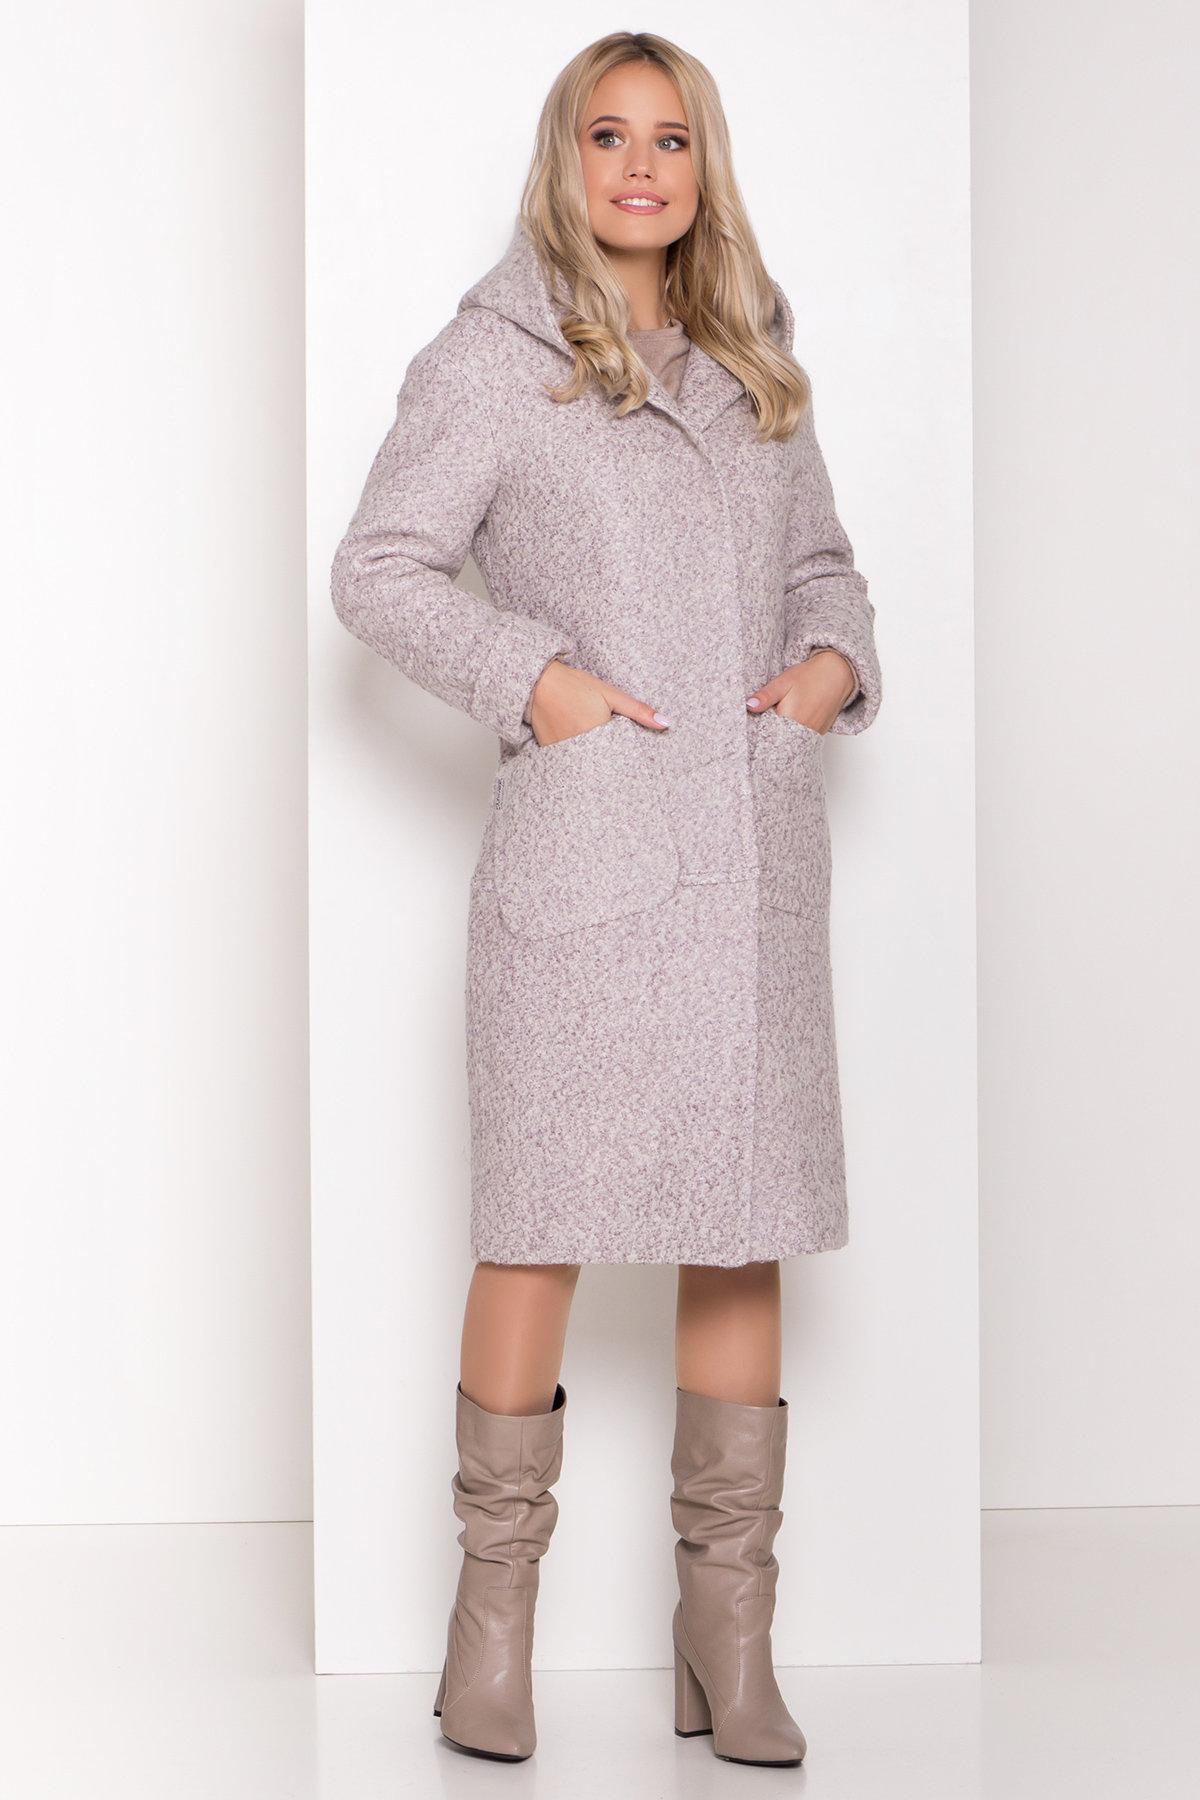 Пальто зима шерсть букле Анита 8320 АРТ. 44439 Цвет: Серый/бежевый 24 - фото 4, интернет магазин tm-modus.ru